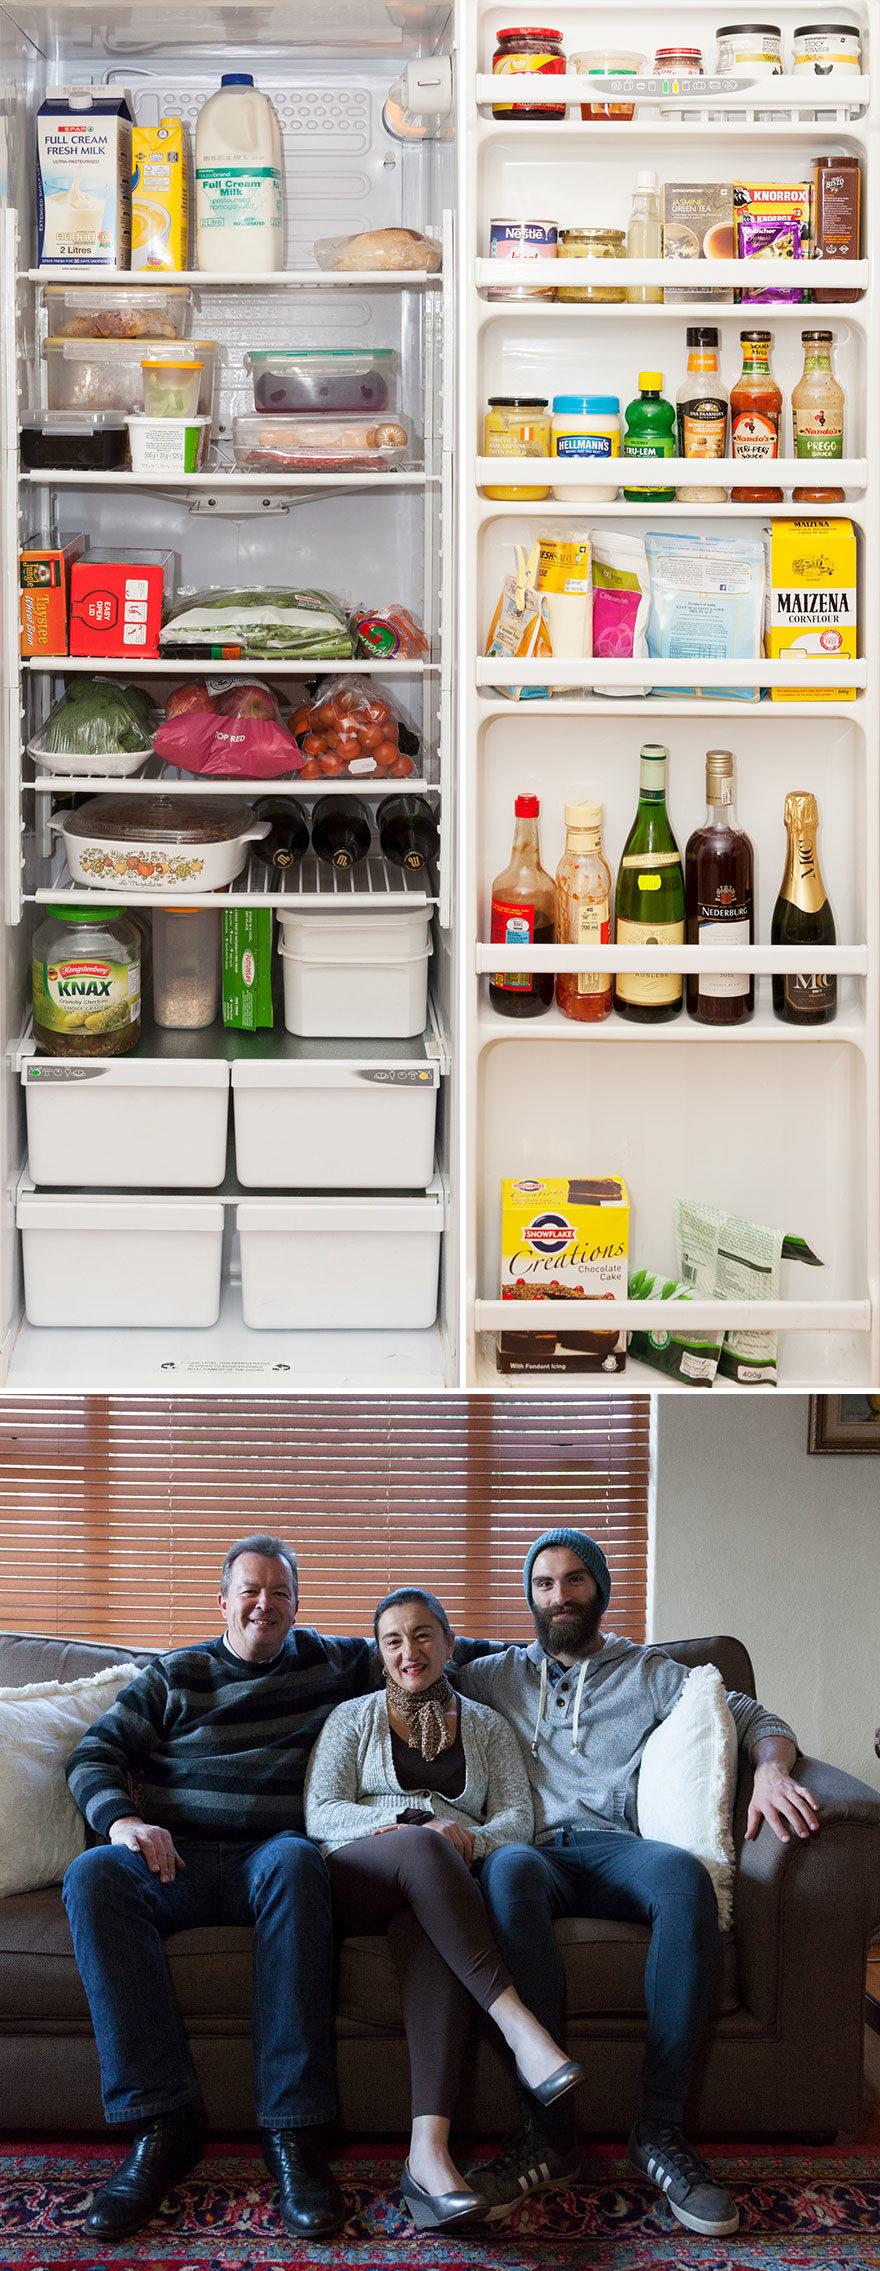 冰箱看個性